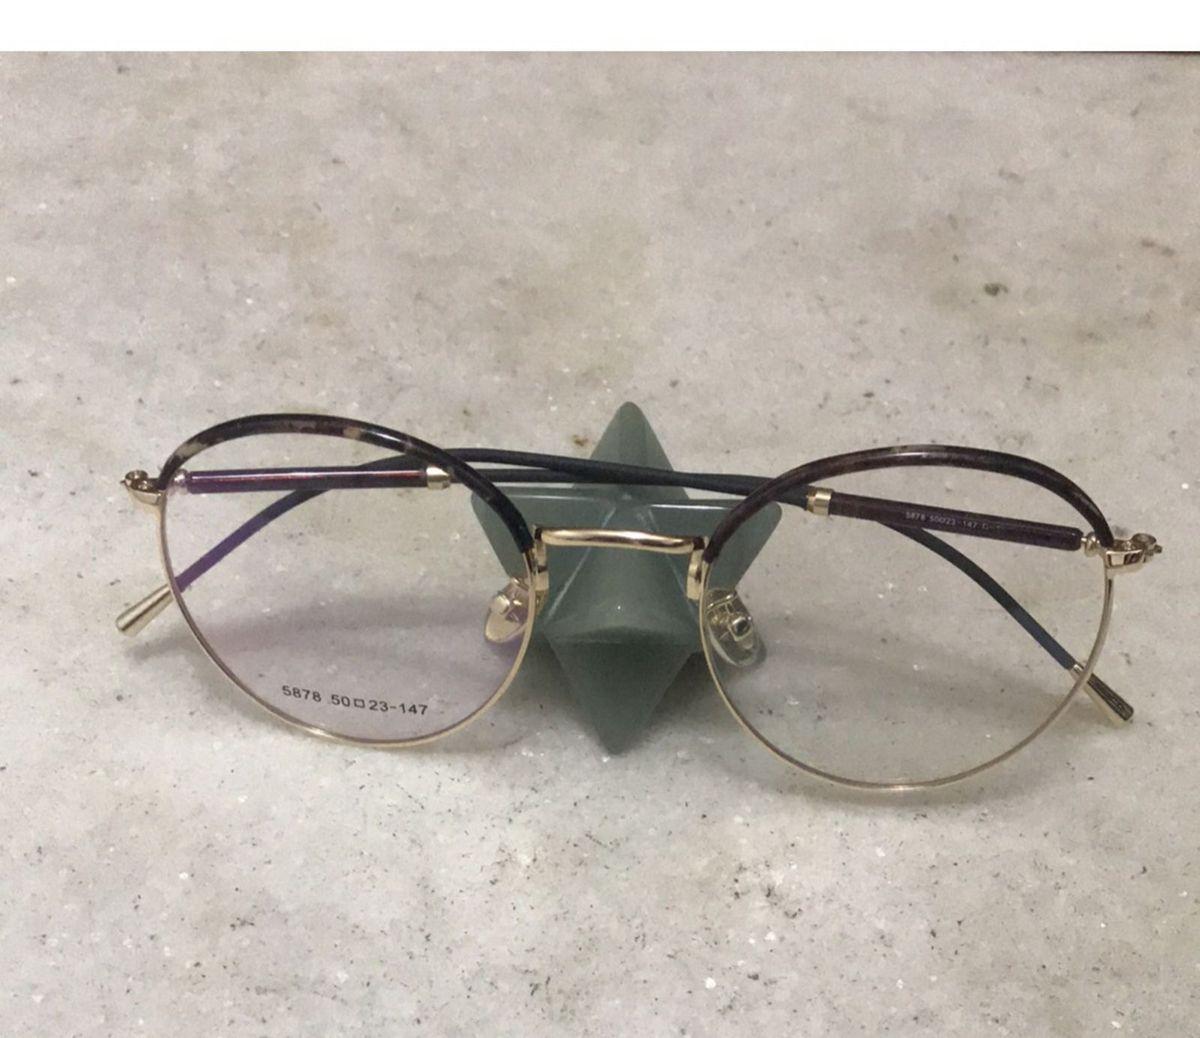 armação de óculos para grau redonda dourada e tartaruga - óculos sem marca 08c7d6828c